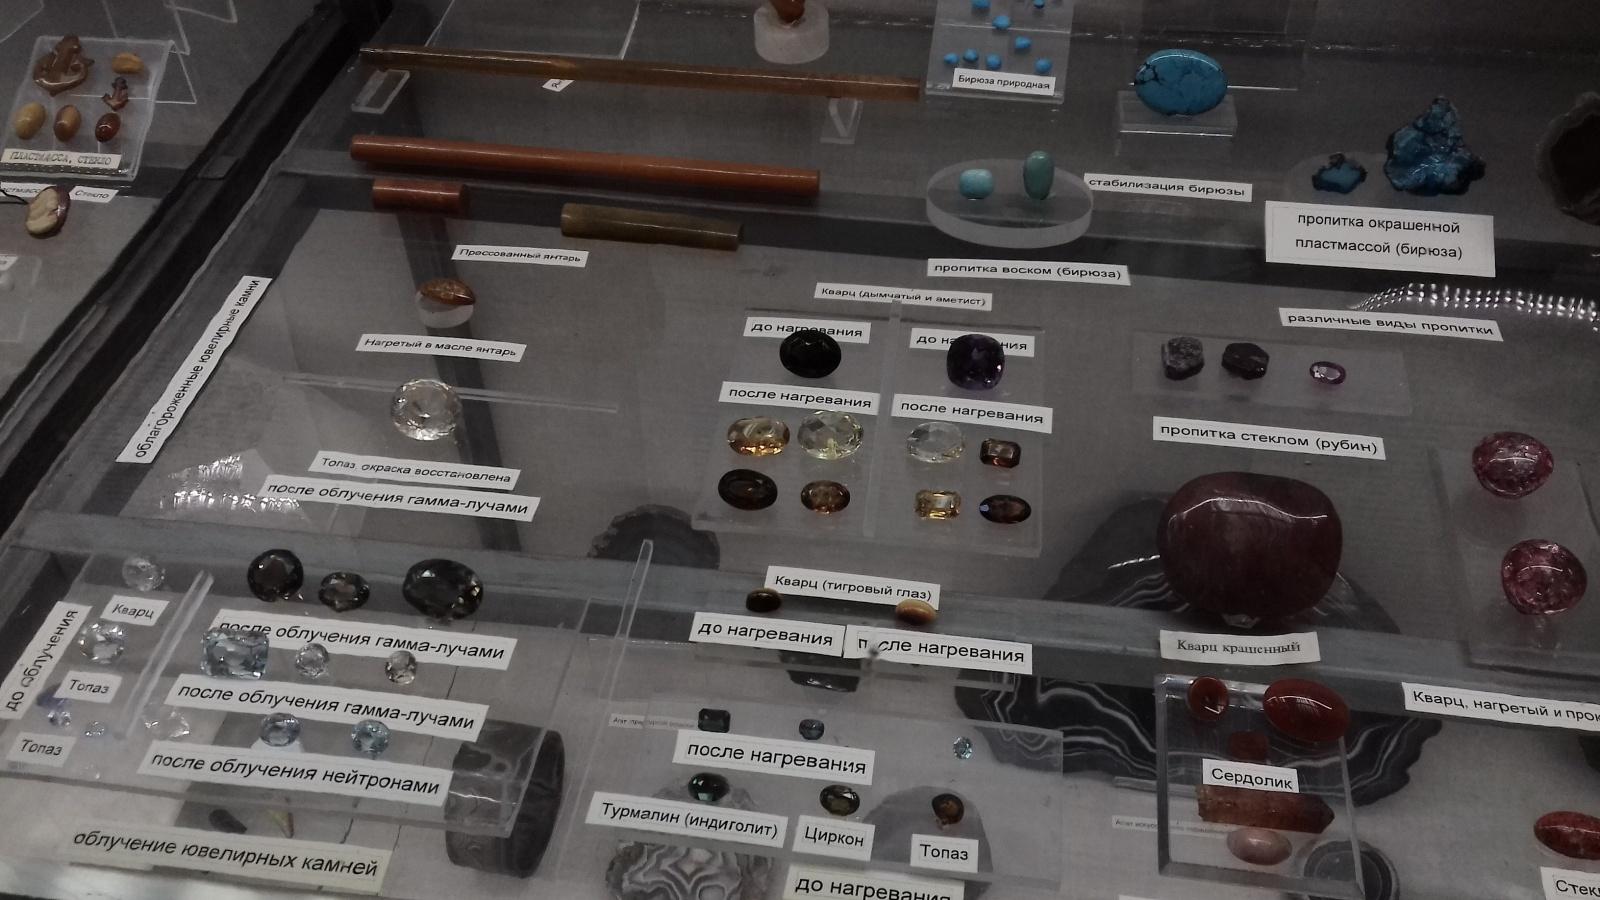 Фотоэкскурсия по Минералогическому музею имени Ферсмана - 19